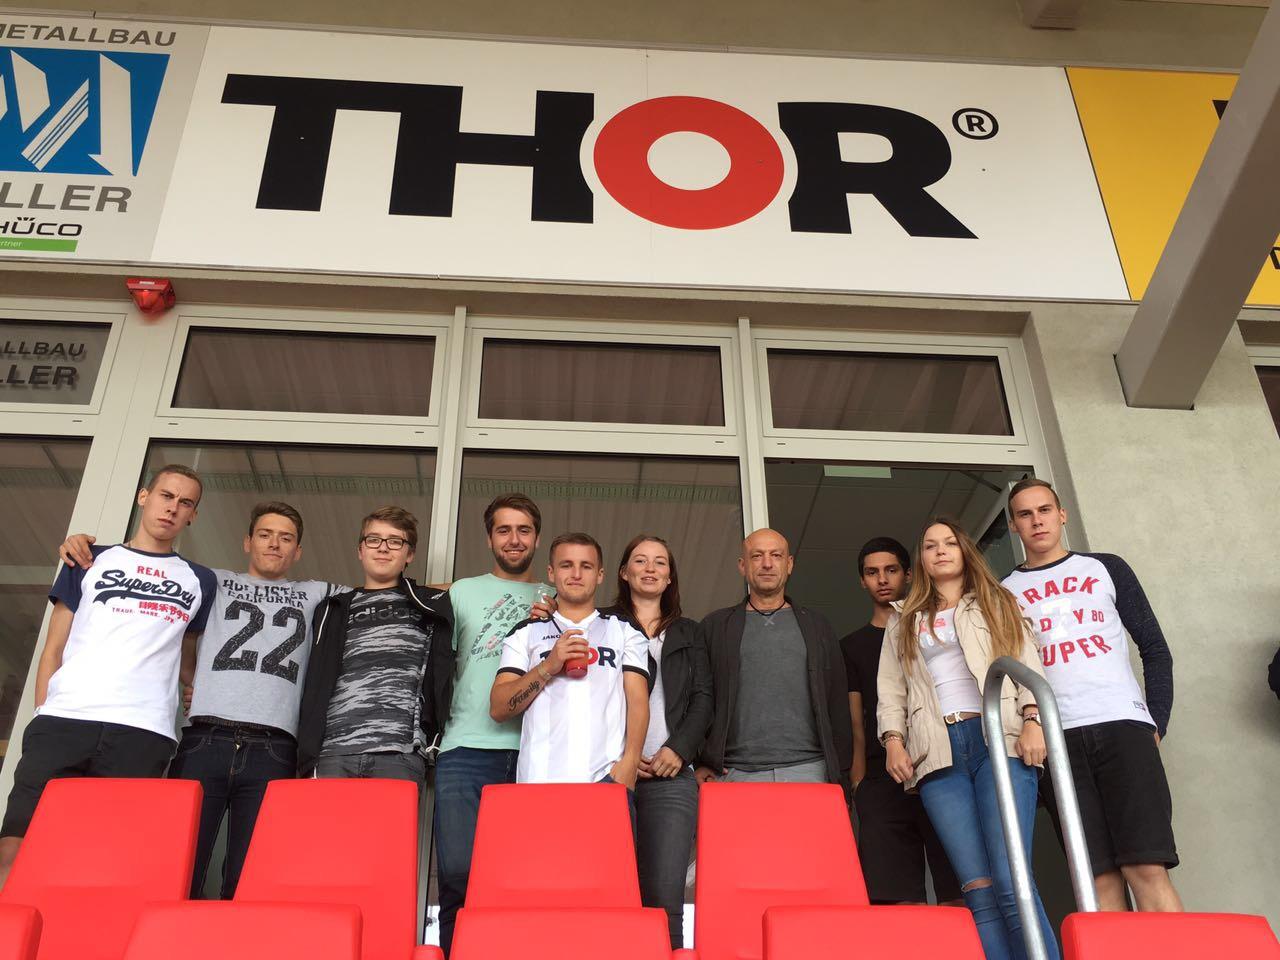 Teambuilding bei THOR Industriemontagen - unsere angehenden Anlagenmechaniker SHK haben sich gemeinsam in der THOR-Loge das Spiel FC RWE gegen den SC Paderborn angeschaut.